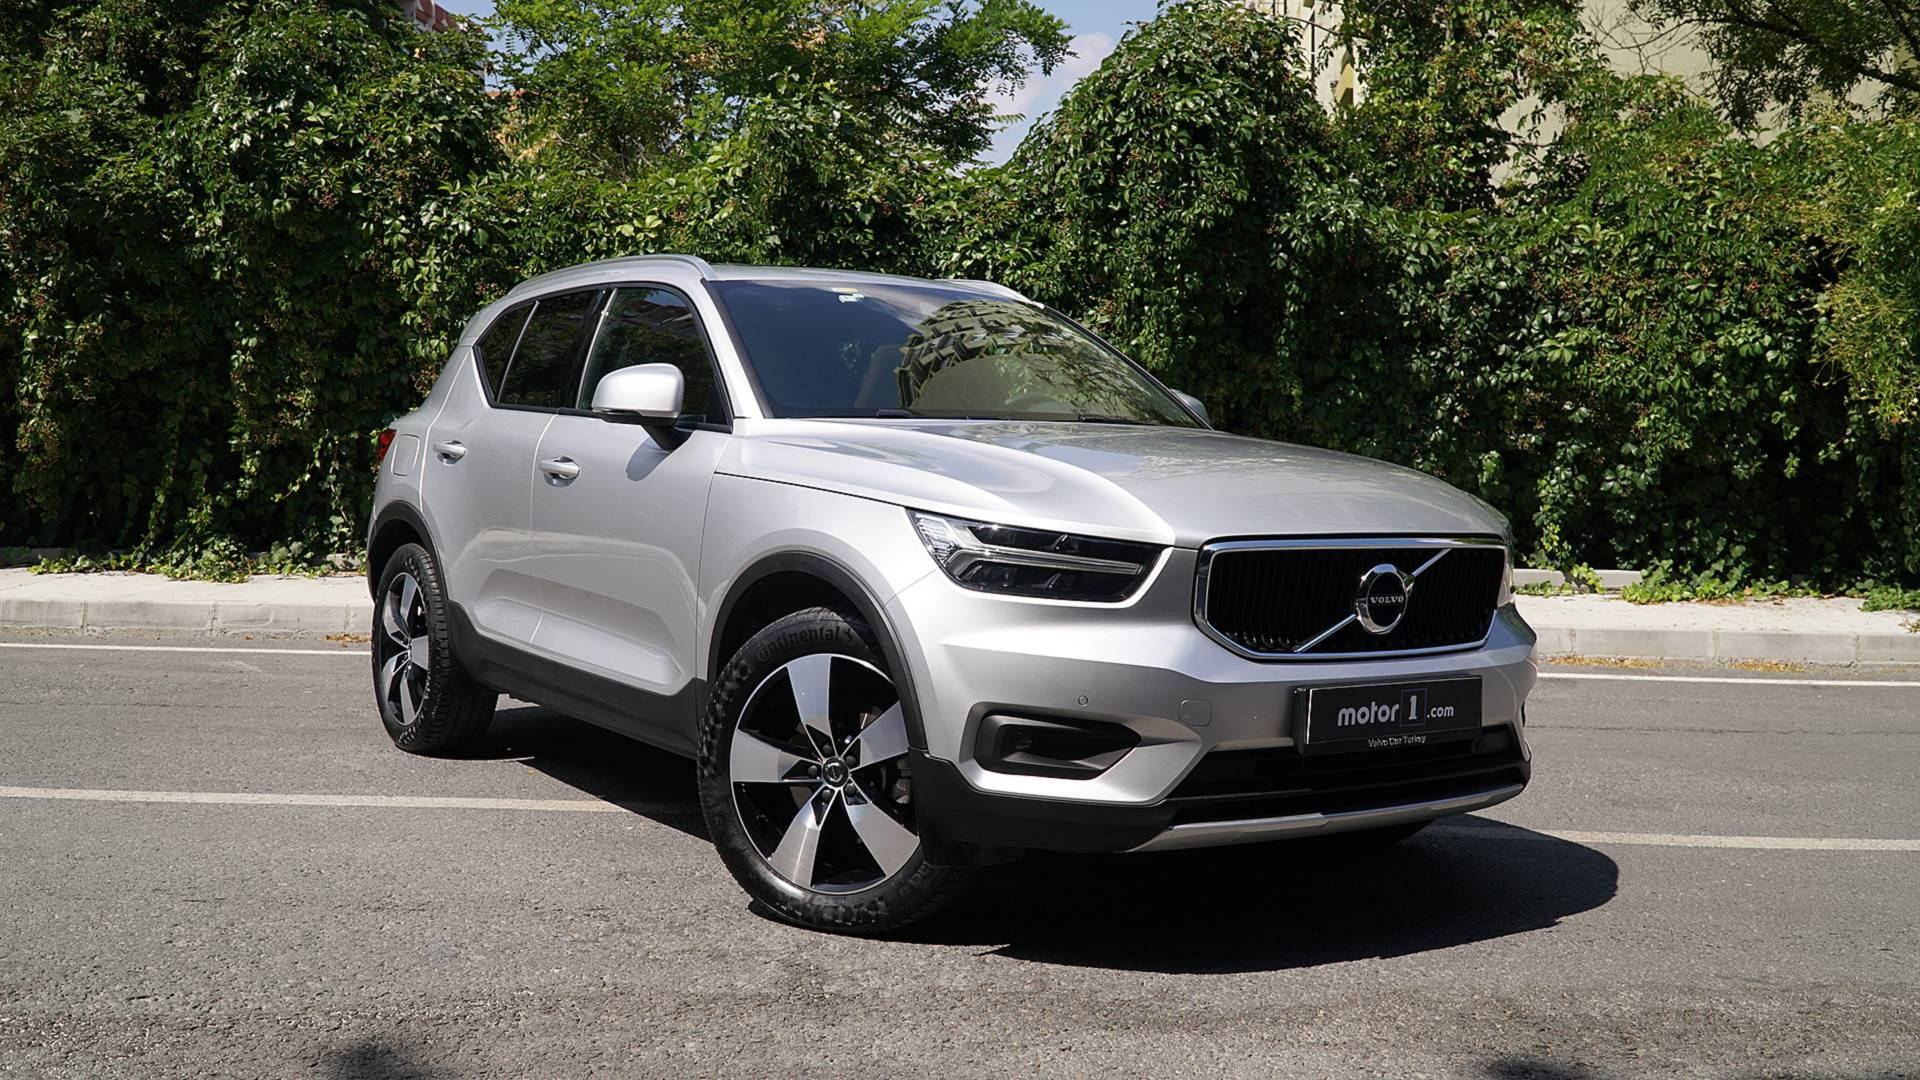 Bebiztosította a Volvo az elektromos autók akkumulátor-ellátottságát